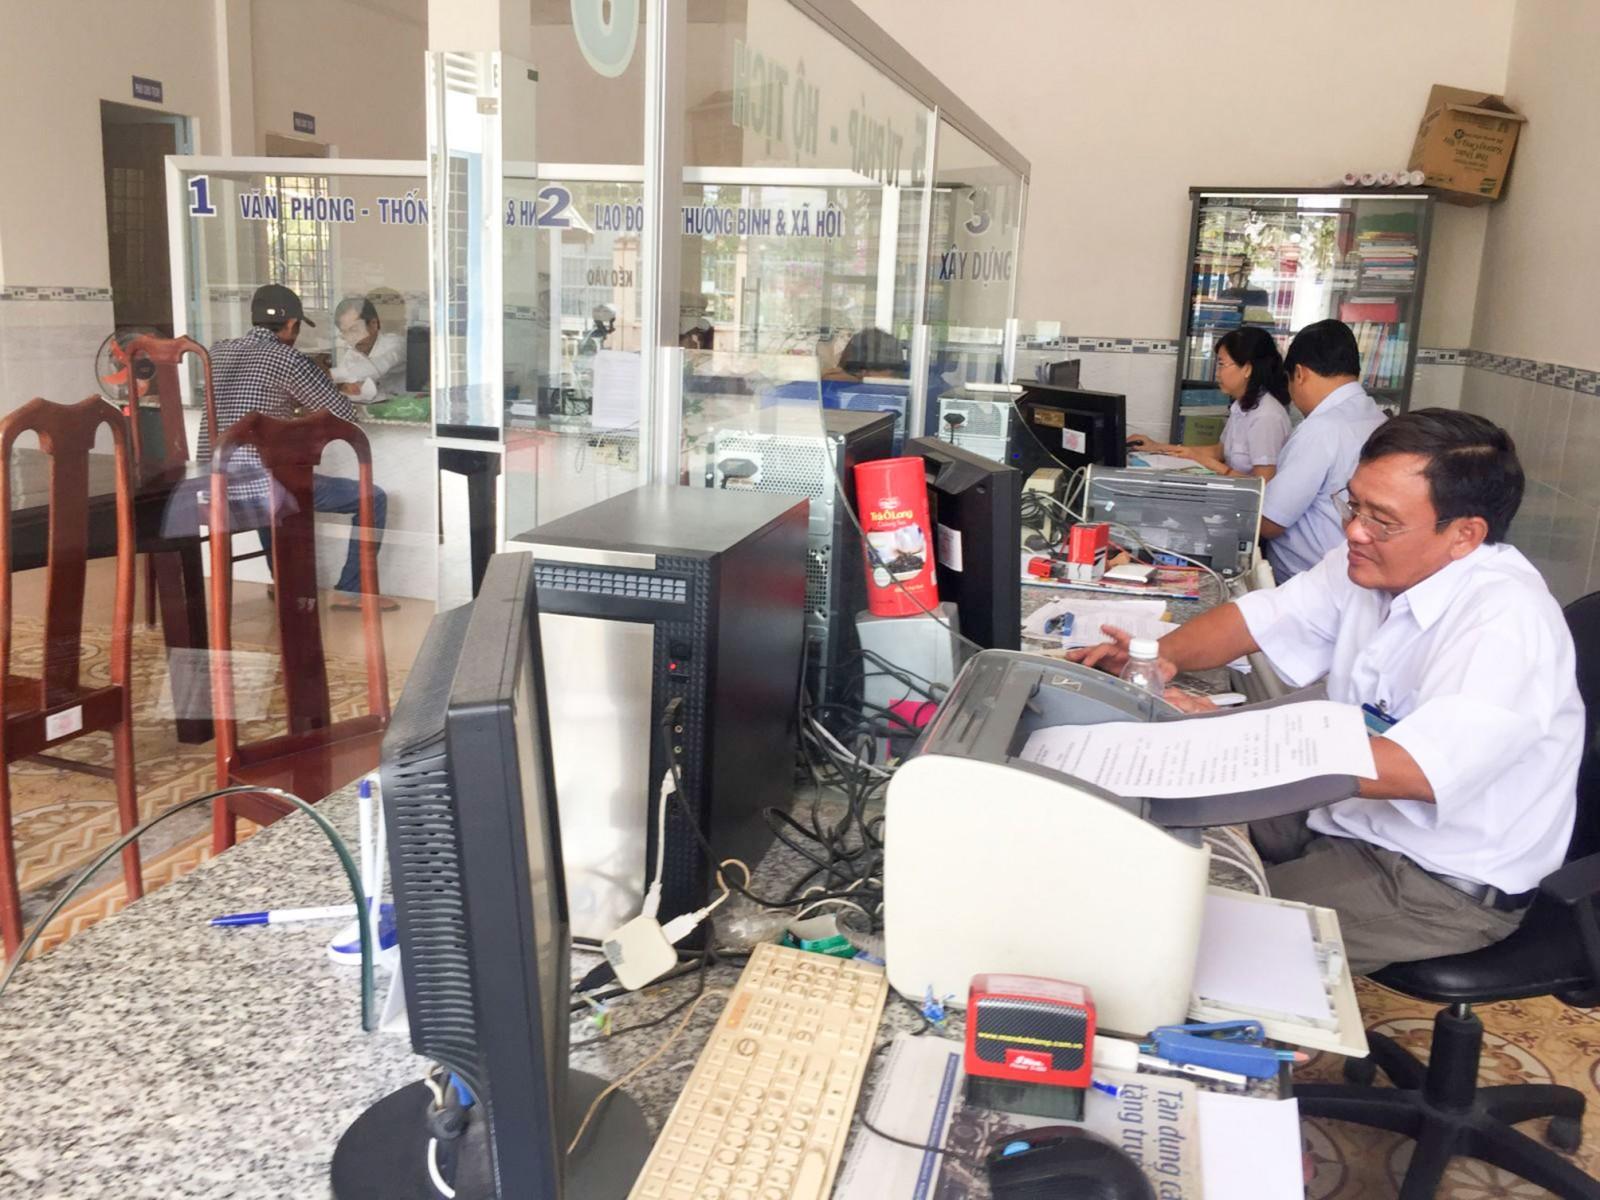 Người dân thực hiện thủ tục hành chính tại Bộ phận TN&TKQ của UBND xã Giai Xuân. Ảnh: CHẤN HƯNG